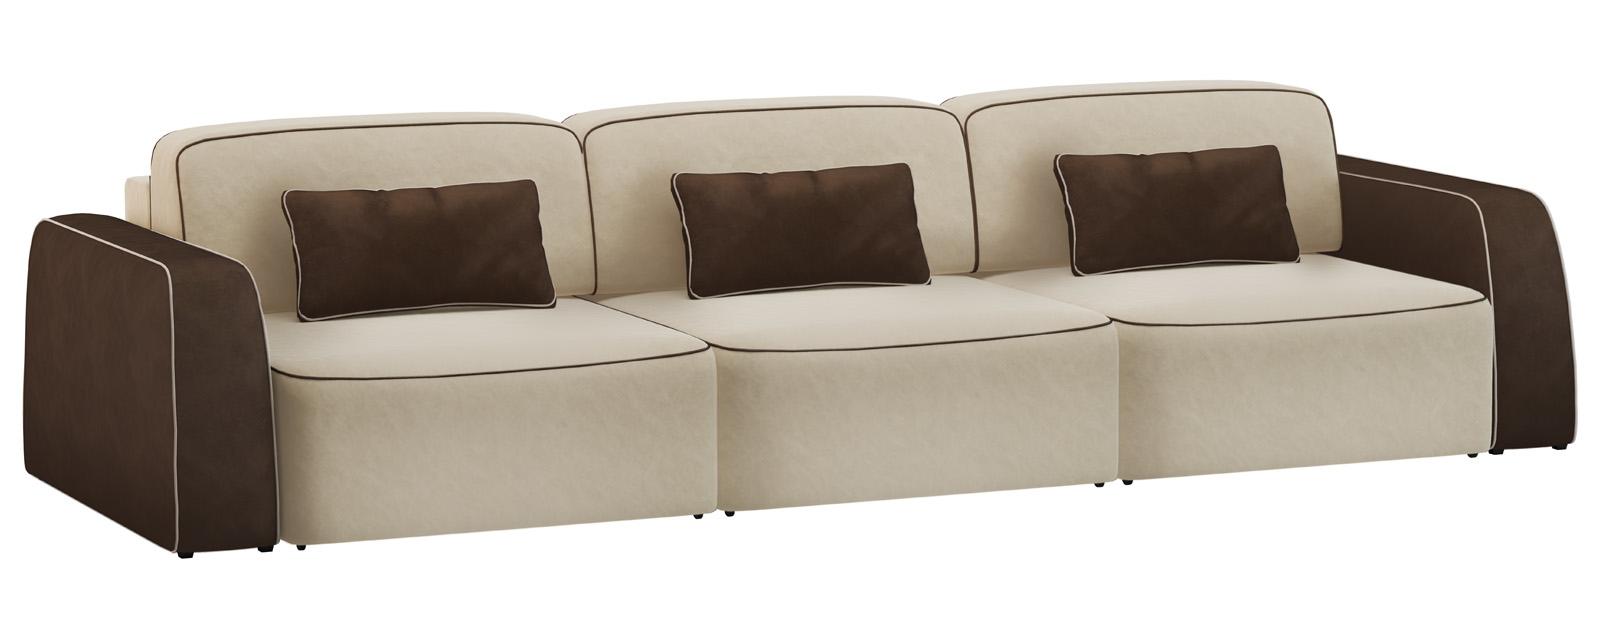 Модульный диван Портленд 300 см Вариант №1 Velure бежевый/темно-коричневый (Велюр)